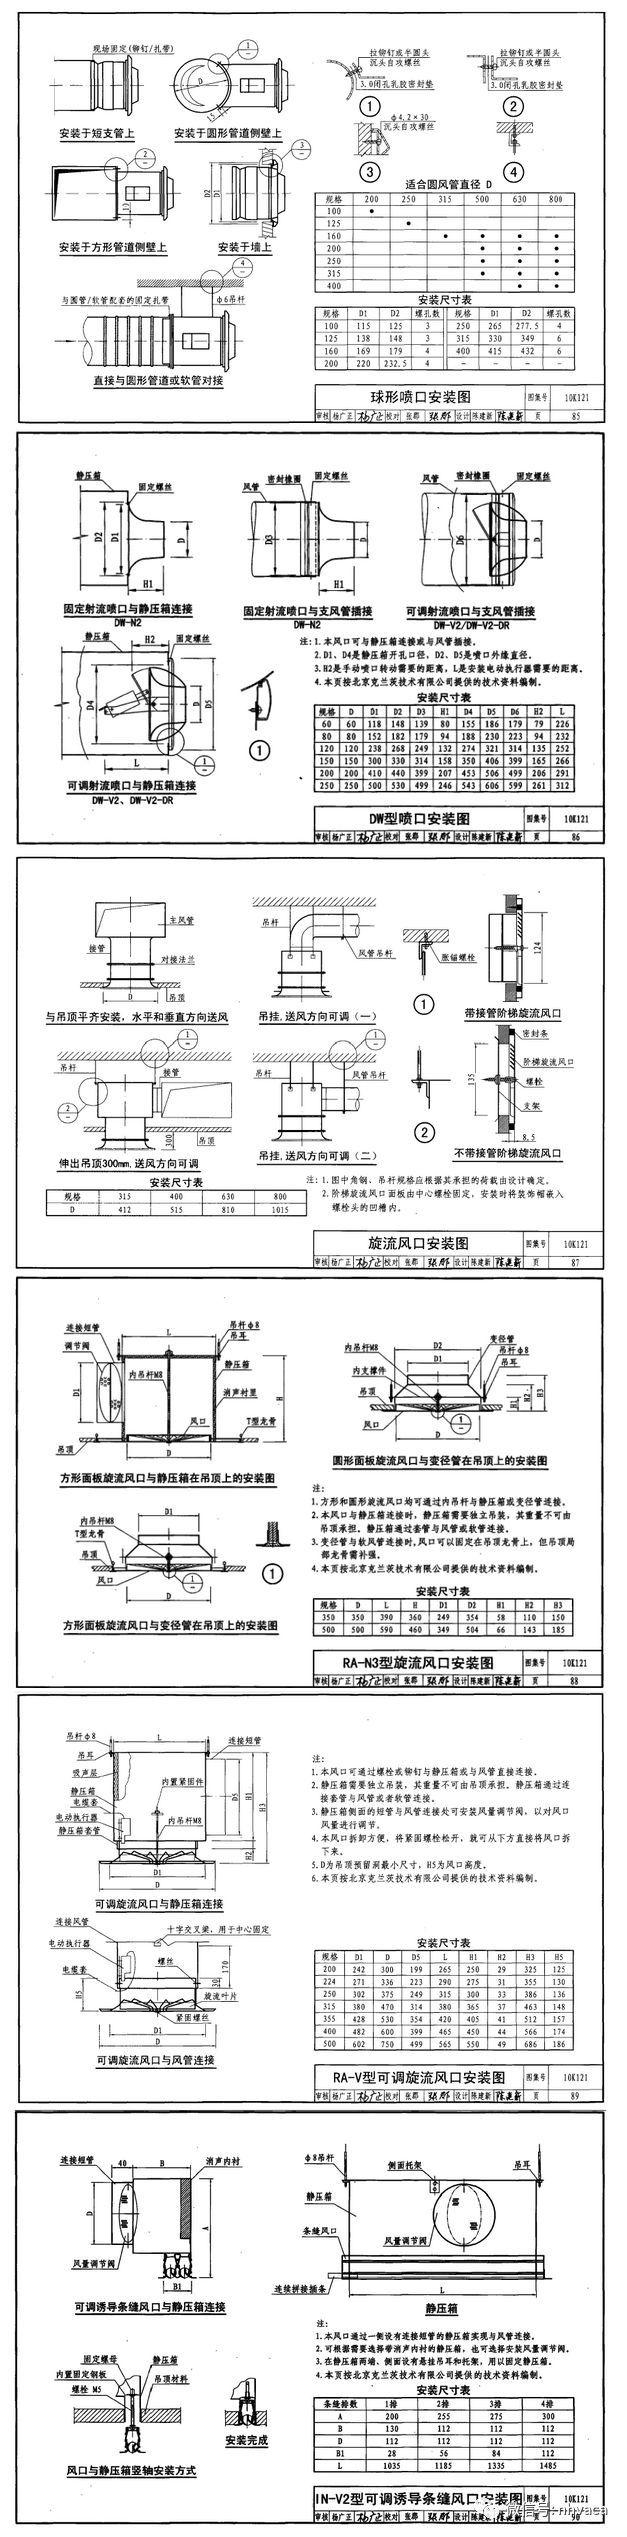 风口散流器与气流组织综合应用手册_20